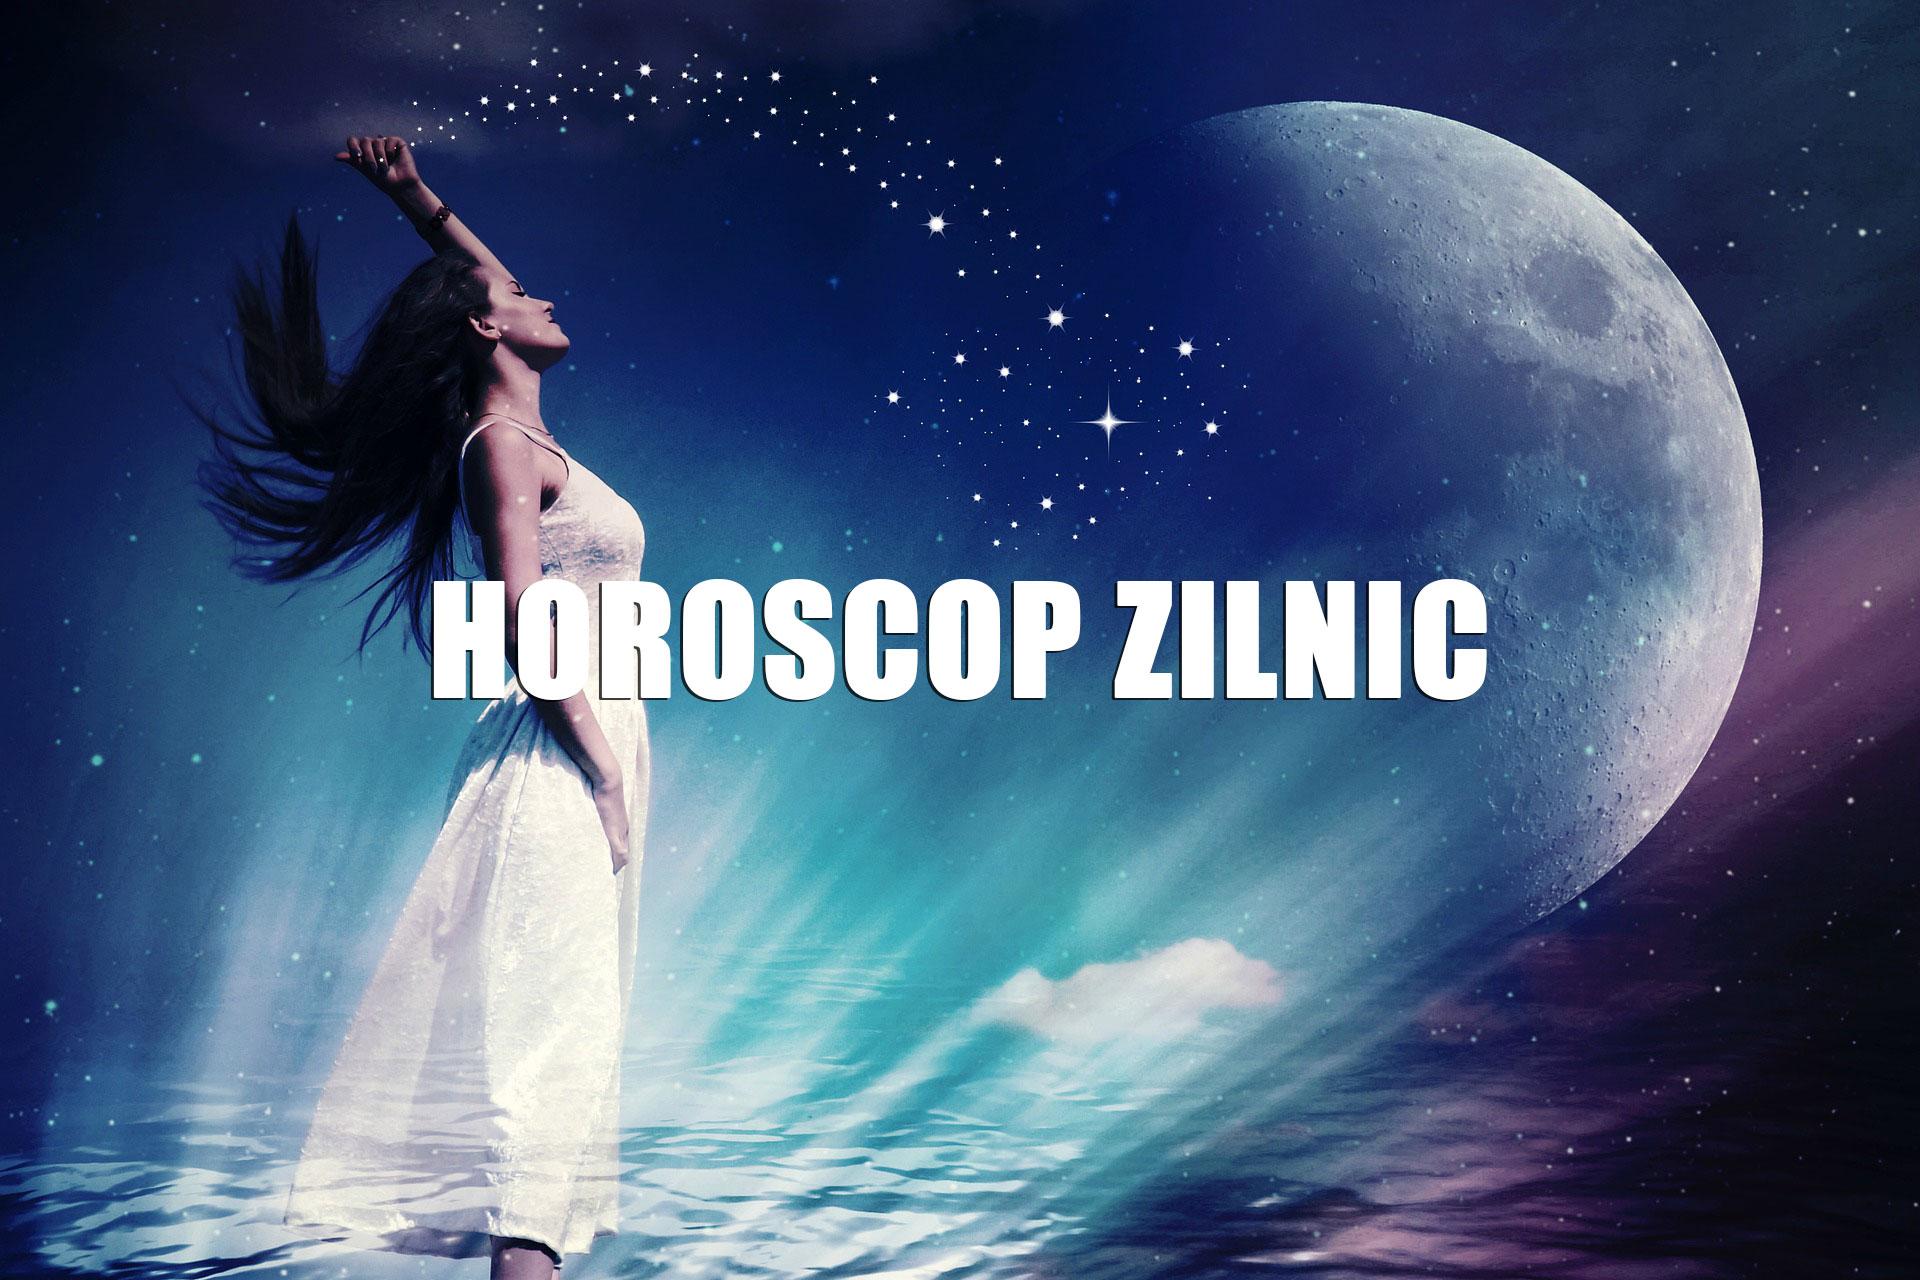 Horoscop 26 martie 2019 - Marțea celor 3 ceasuri rele, se transformă în 3 ceasuri bune pentru 7 zodii